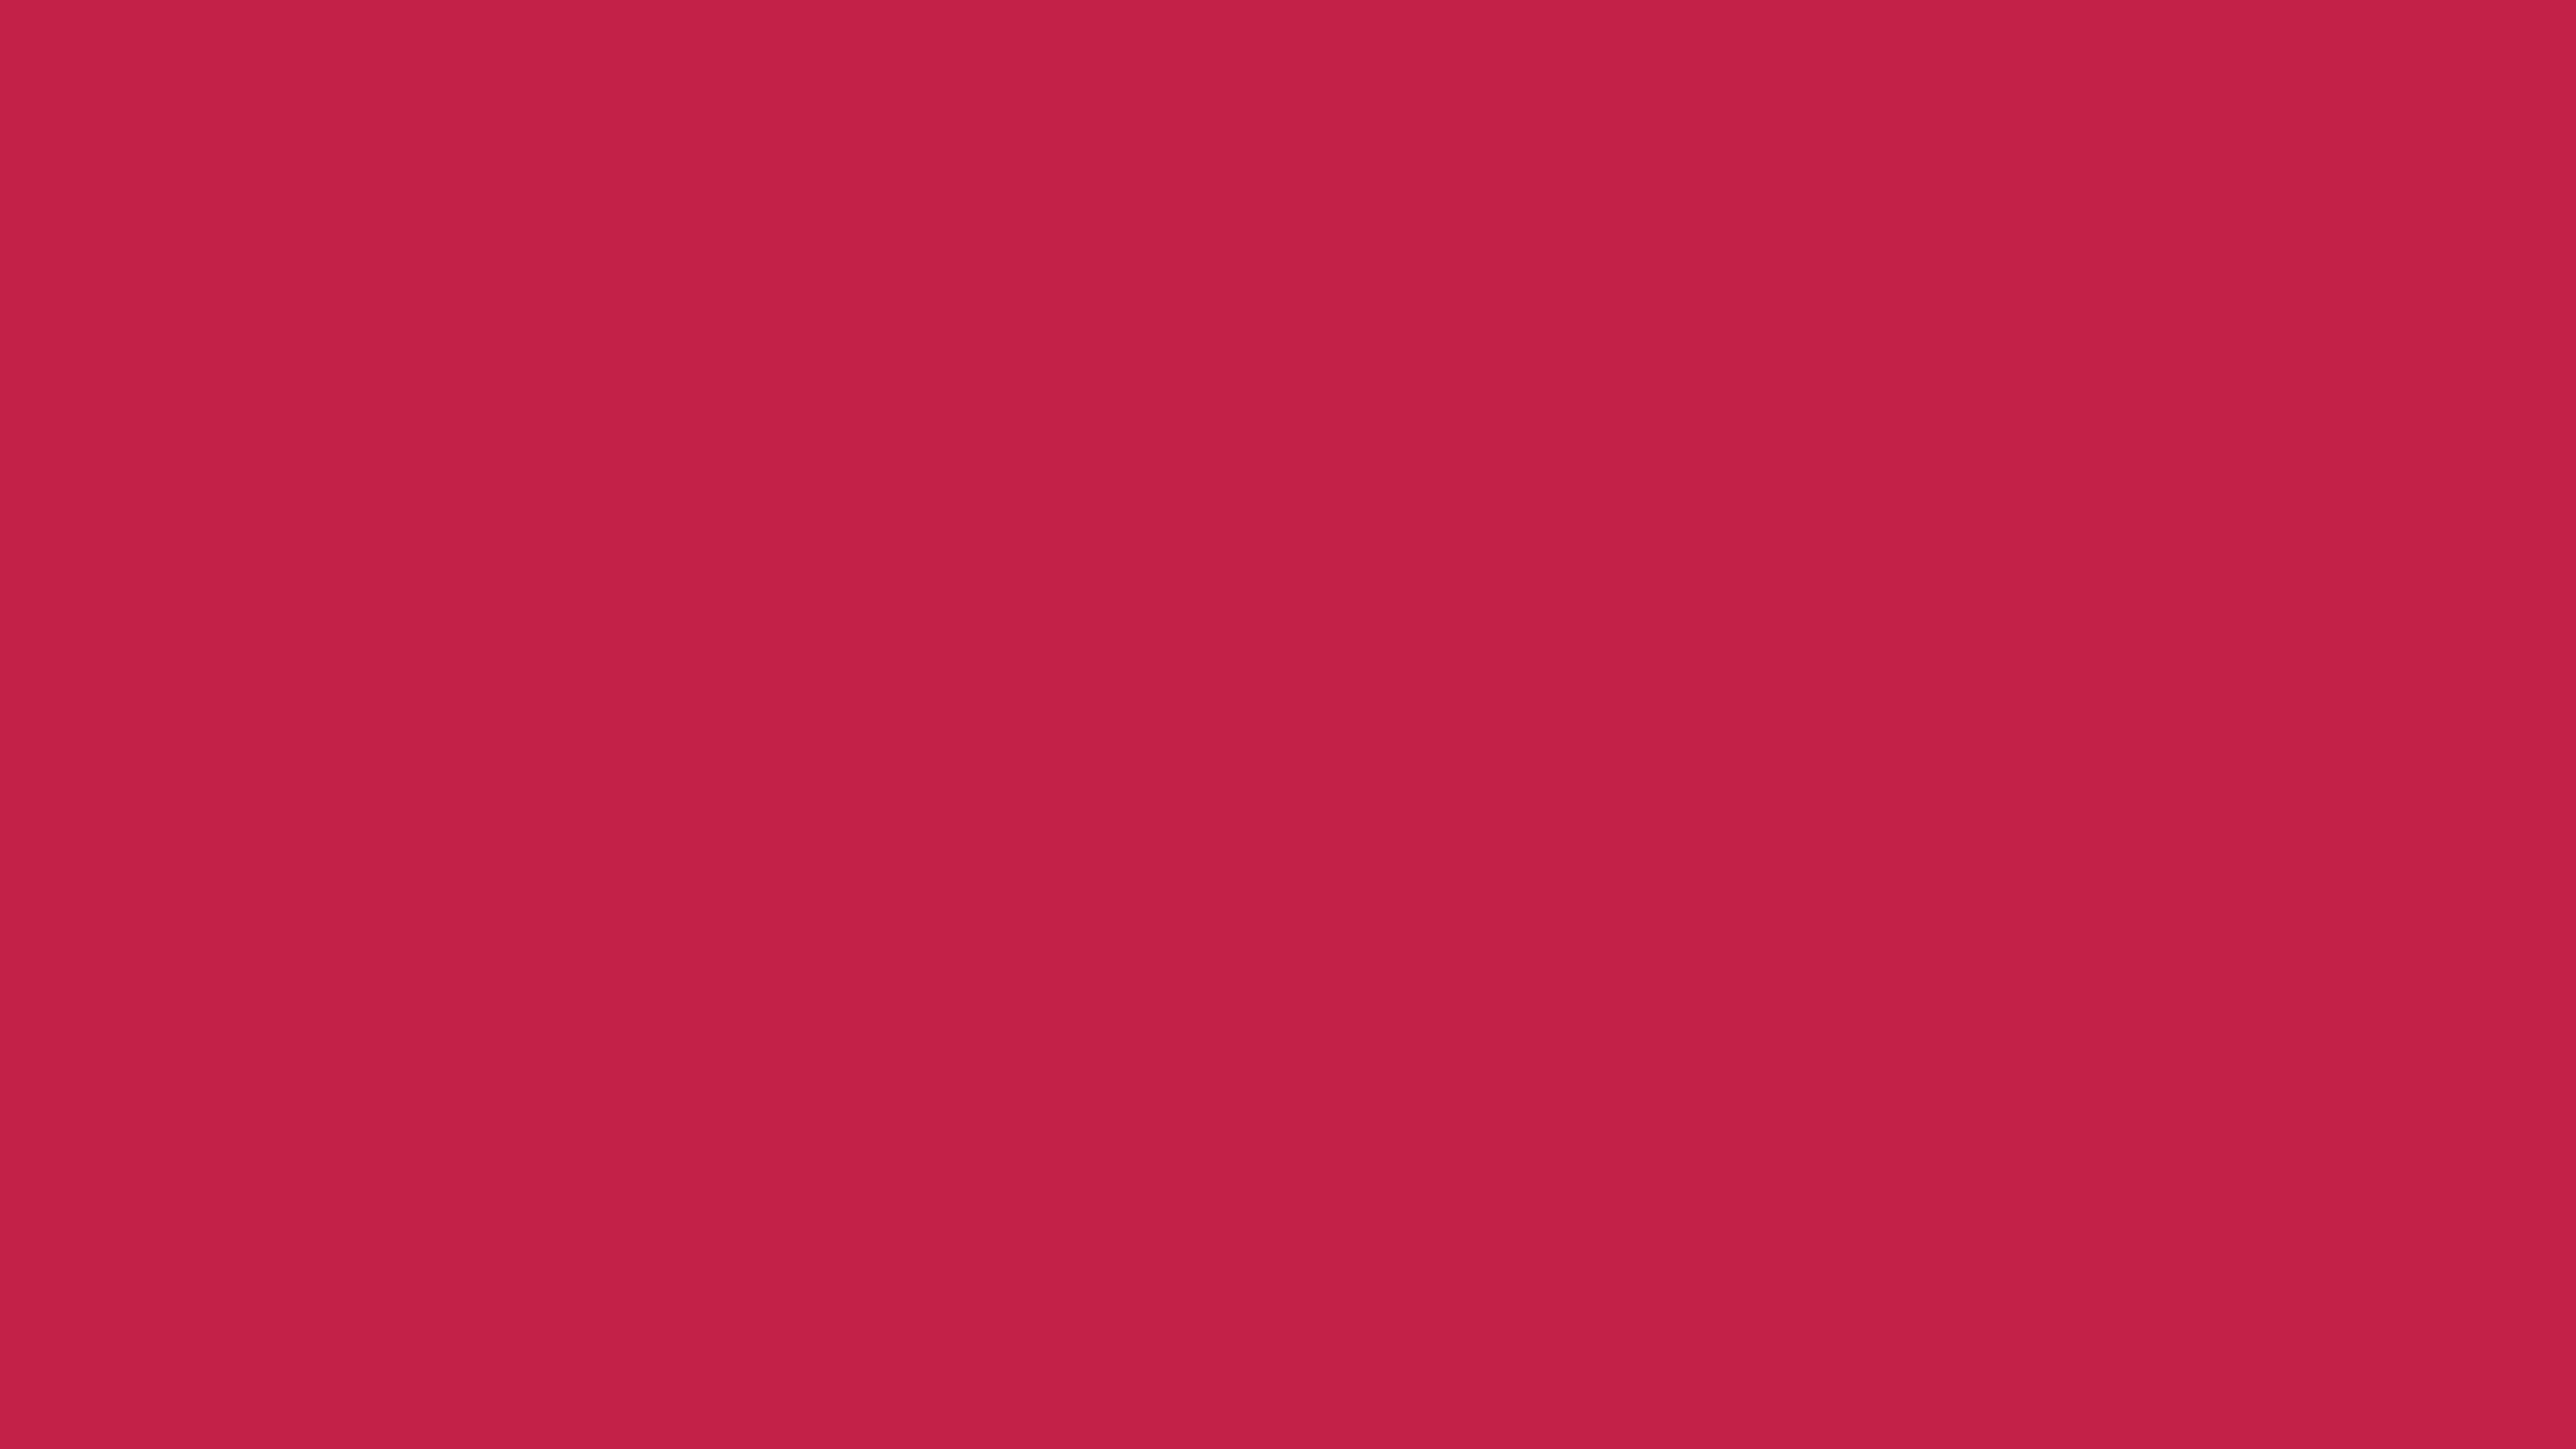 5120x2880 Maroon Crayola Solid Color Background